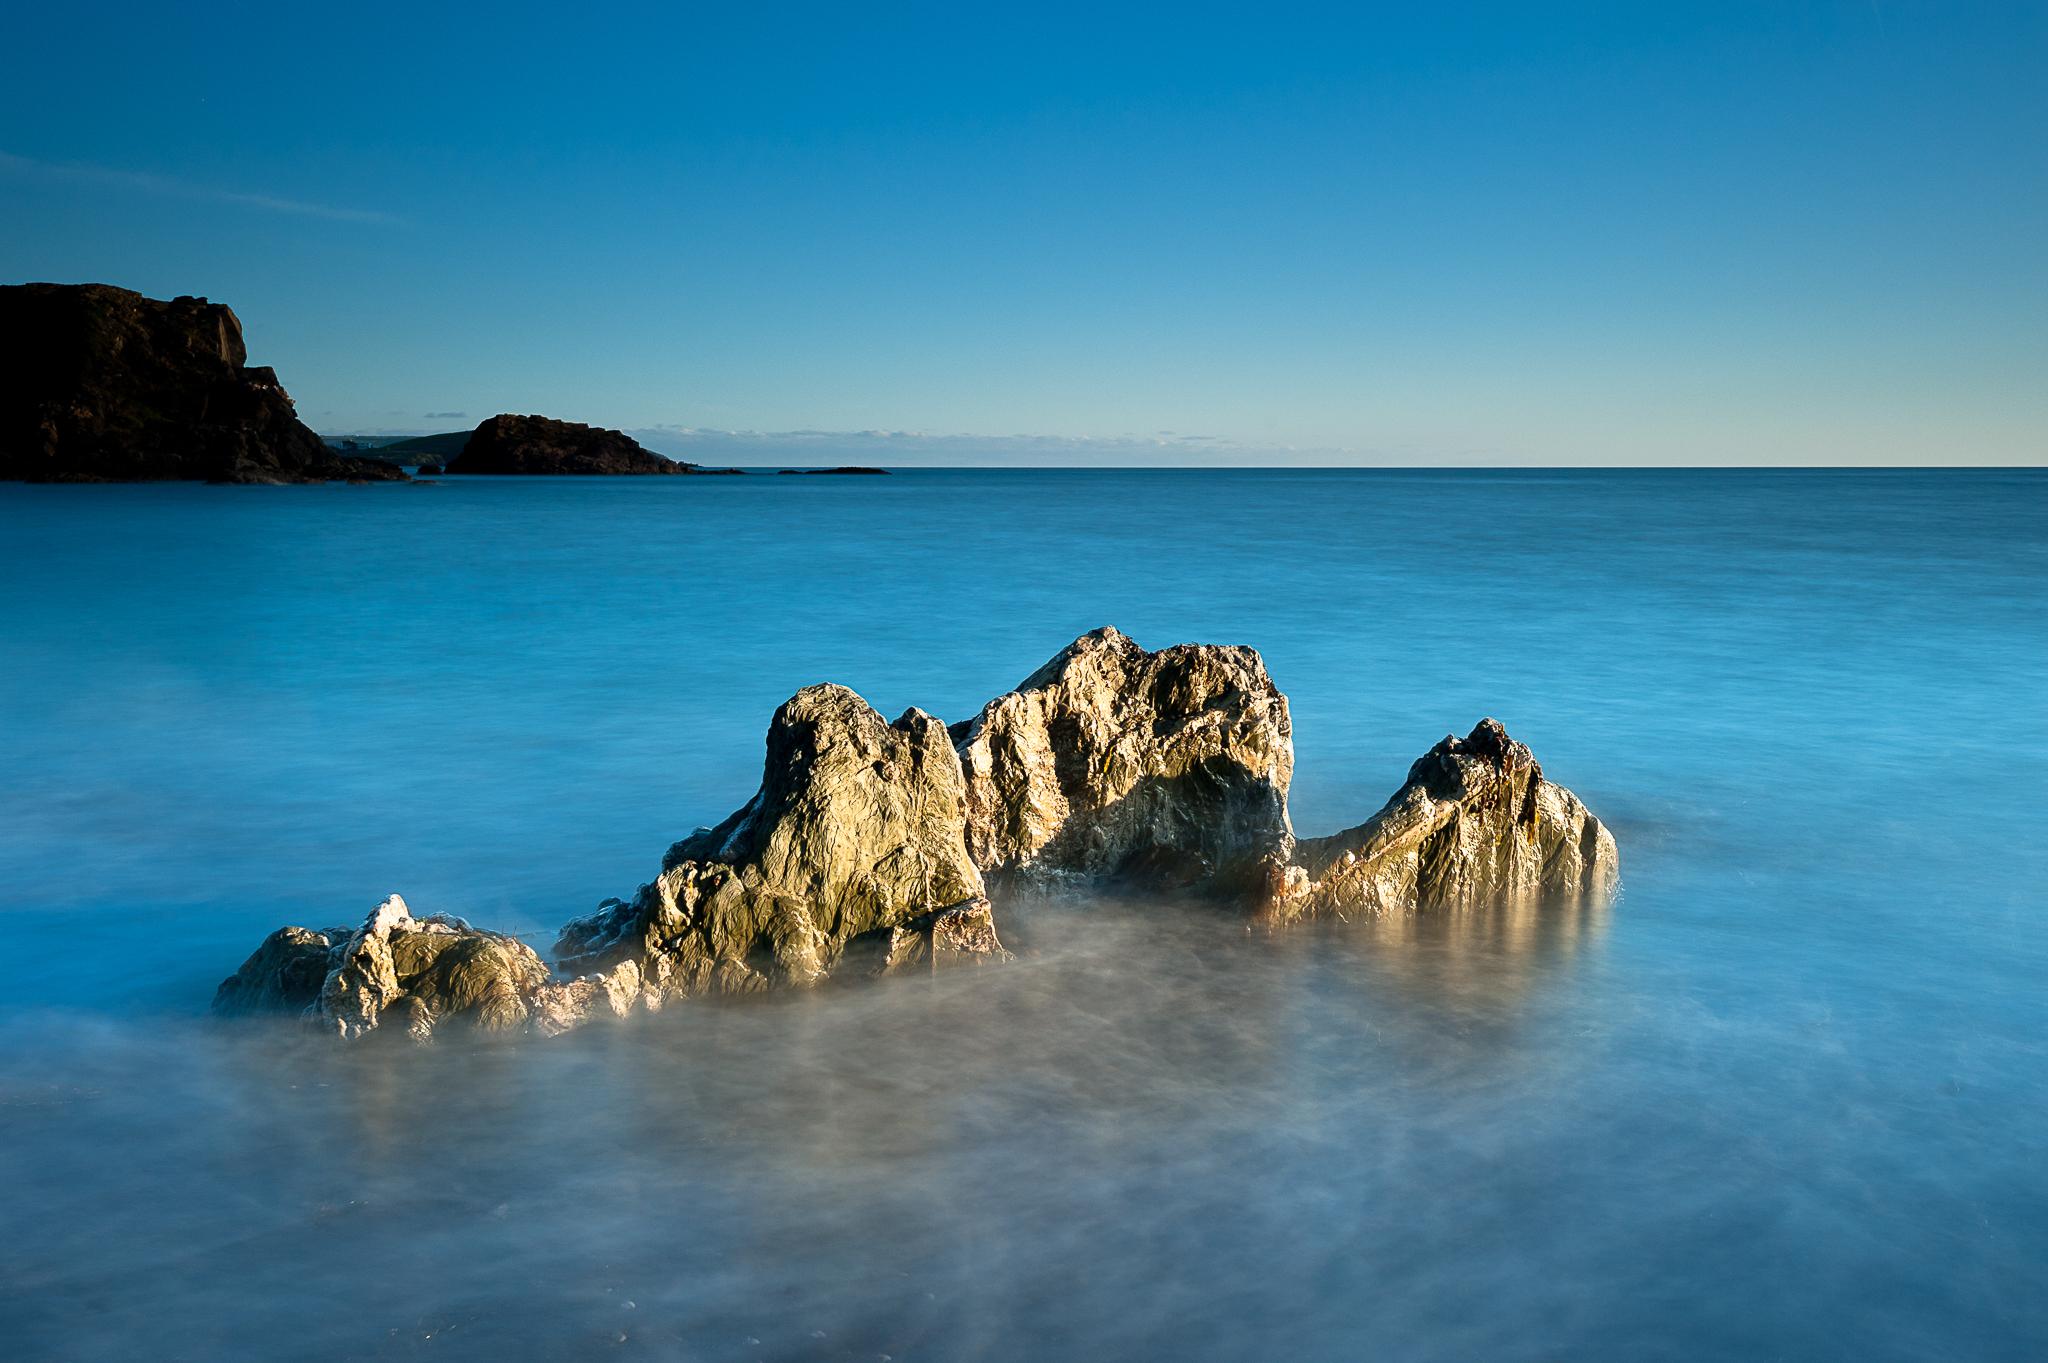 Wyscombe Rocks